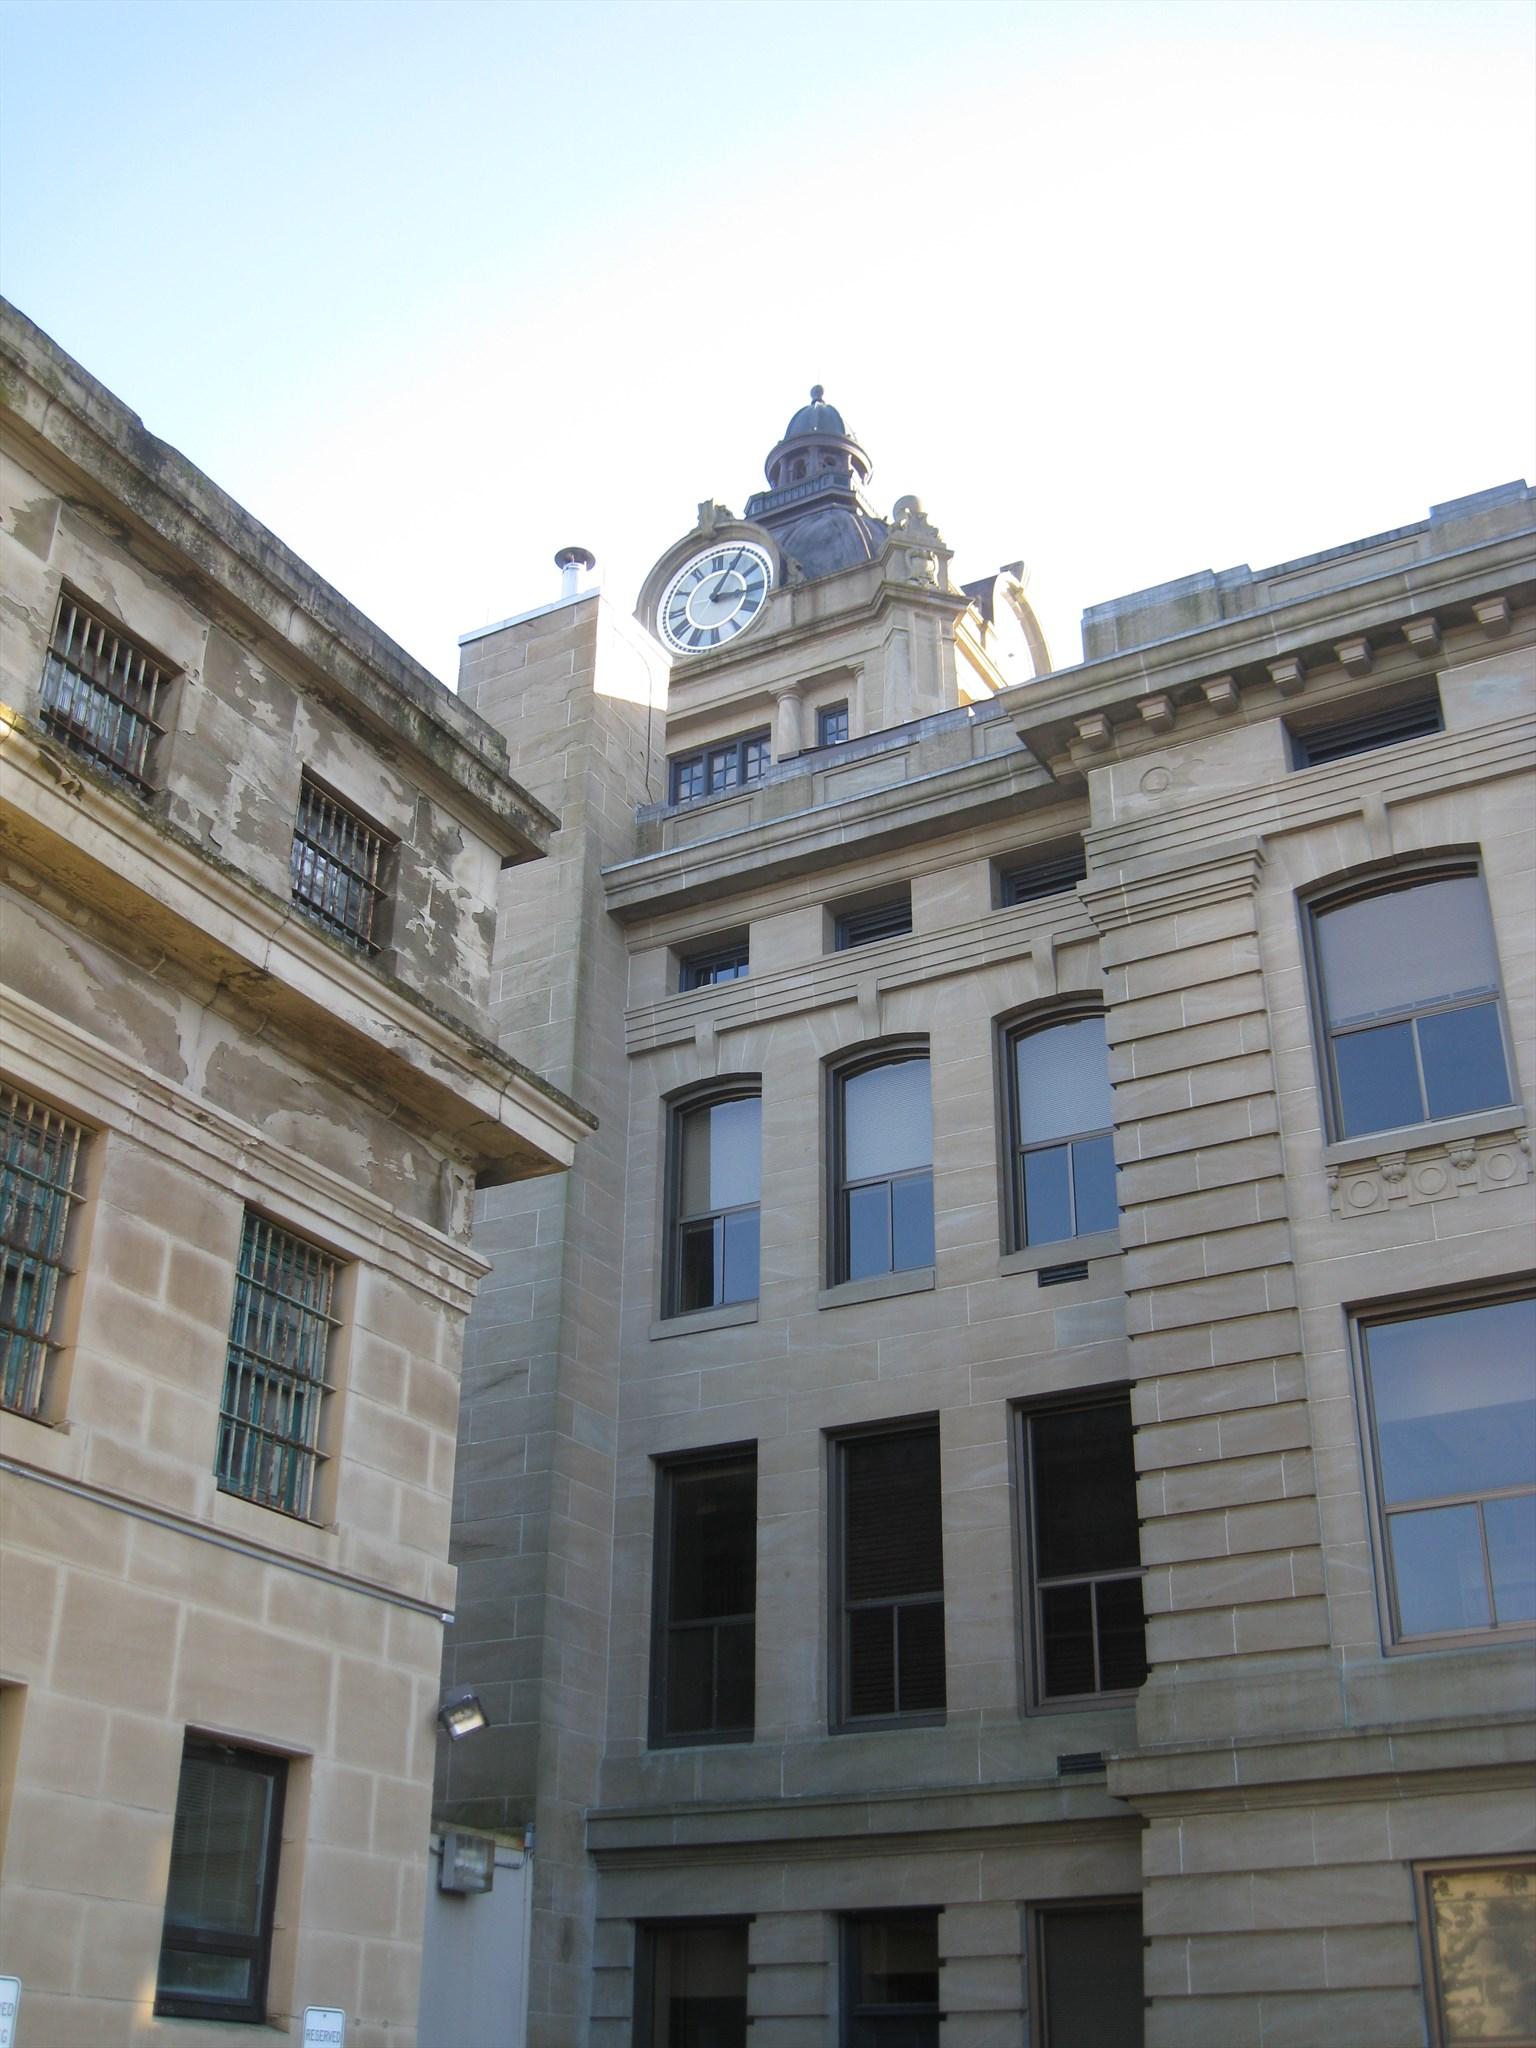 Grays Harbor County Courthouse Jail - Montesano, Washington